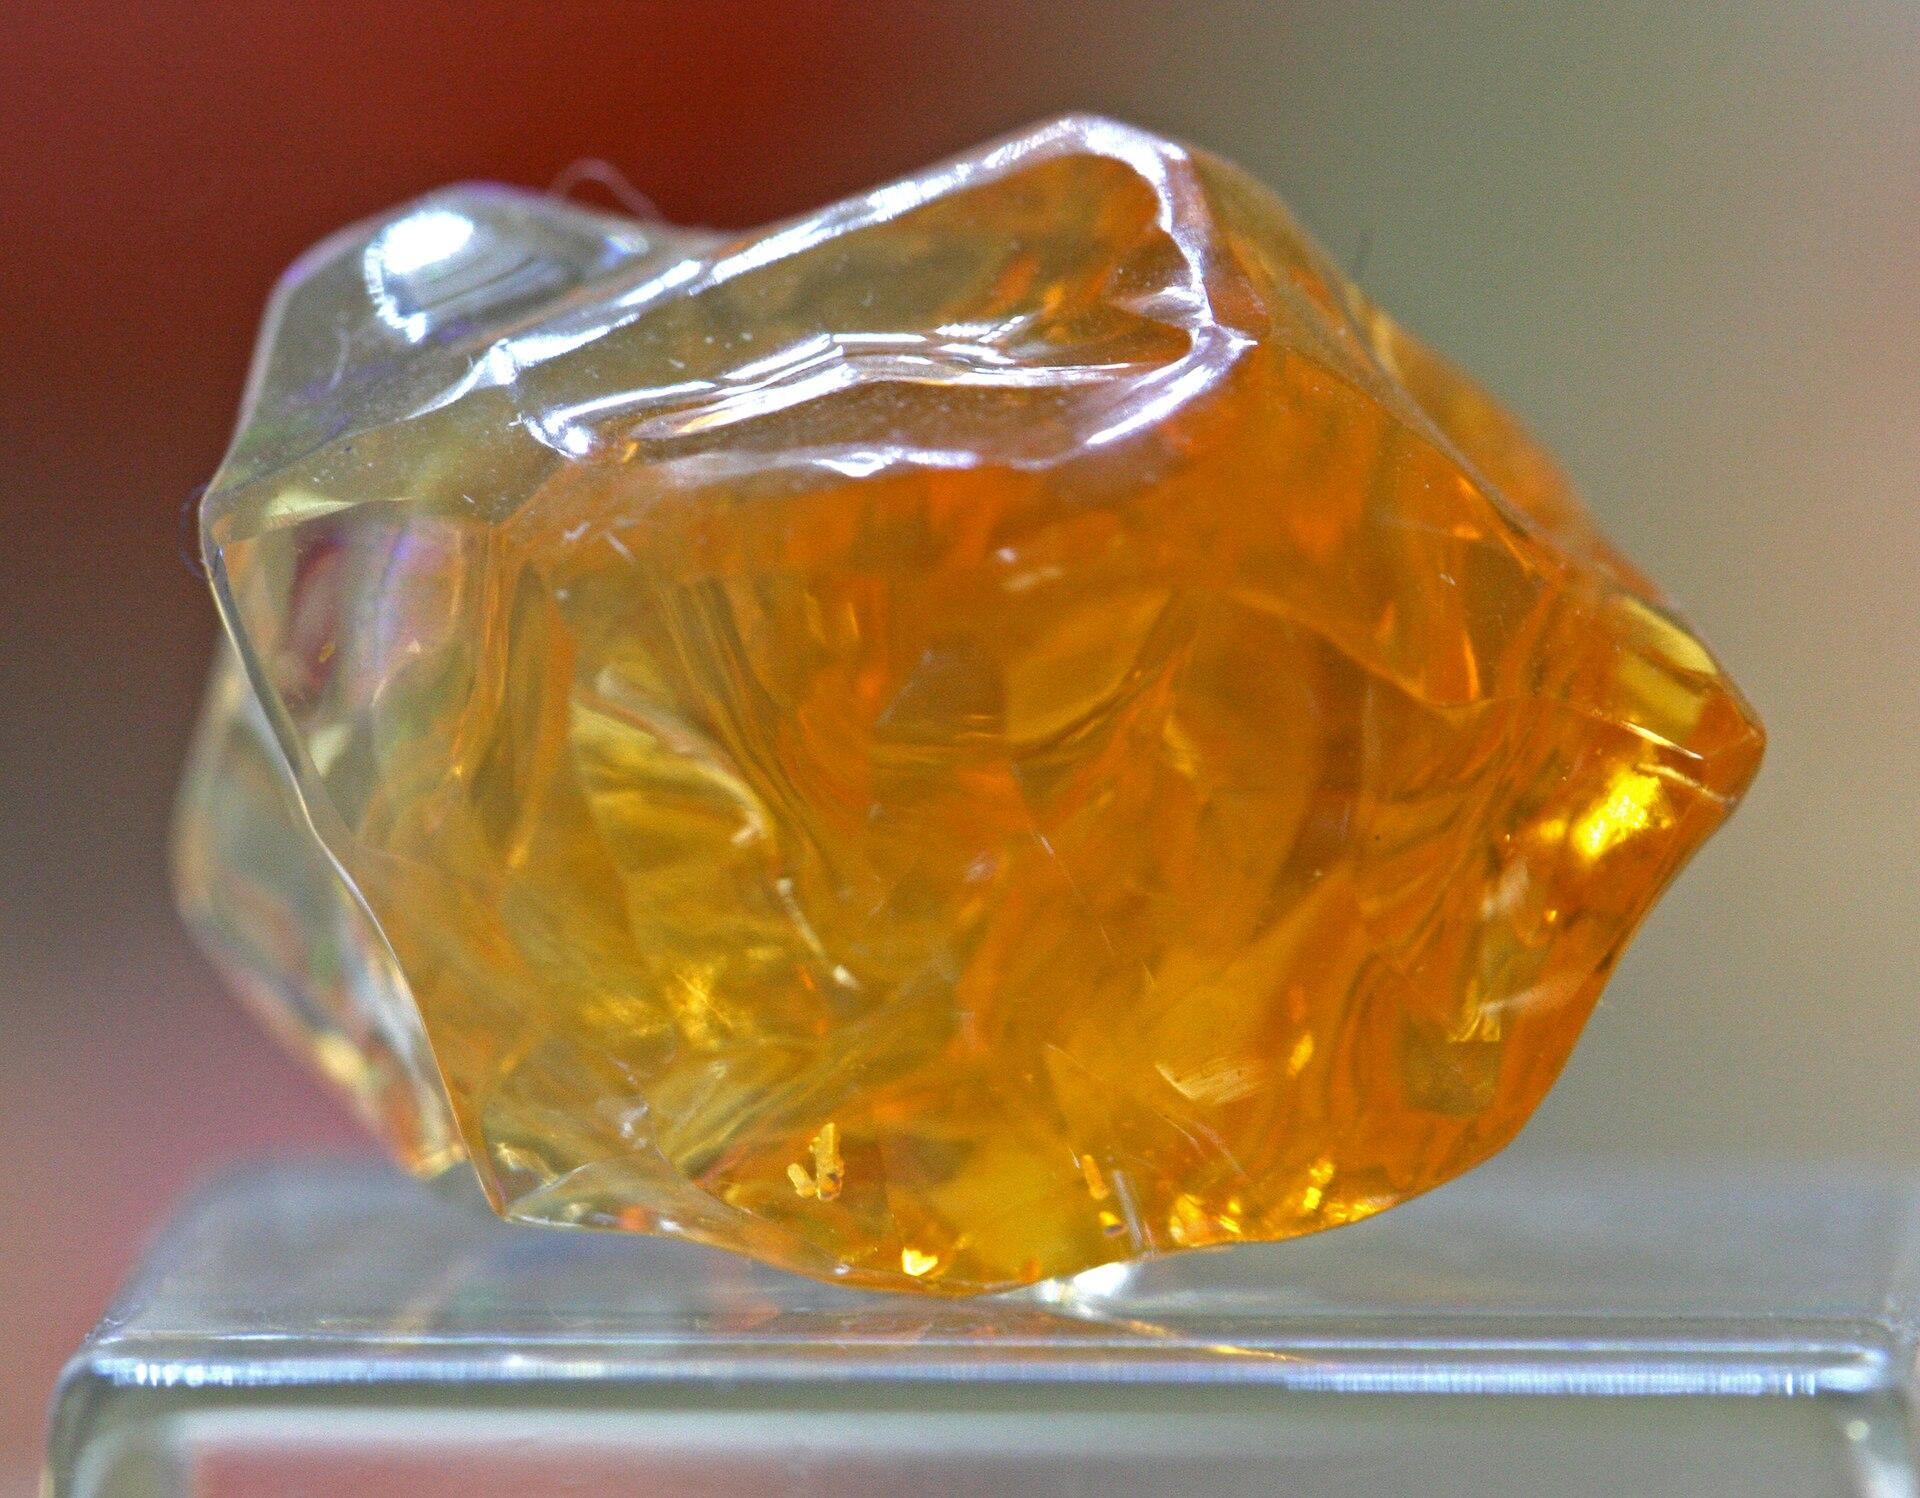 蛋白石(opal) - wuwei1101 - 西花社